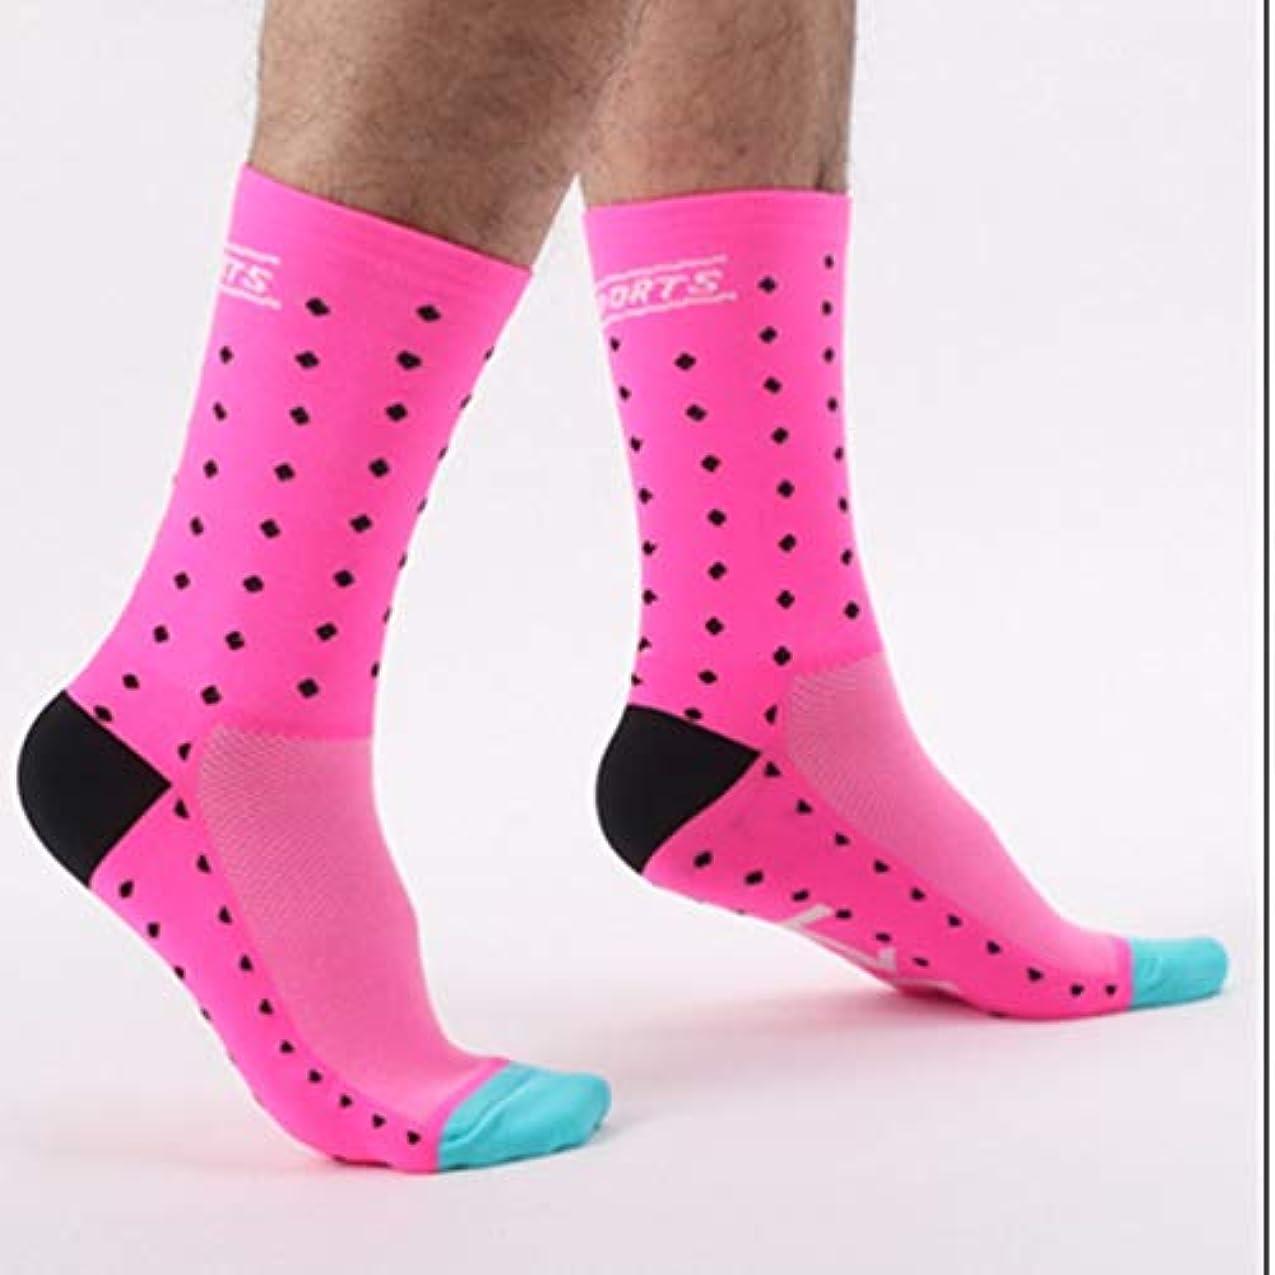 太字アルミニウム機知に富んだDH04快適なファッショナブルな屋外サイクリングソックス男性女性プロの通気性スポーツソックスバスケットボールソックス - ピンク